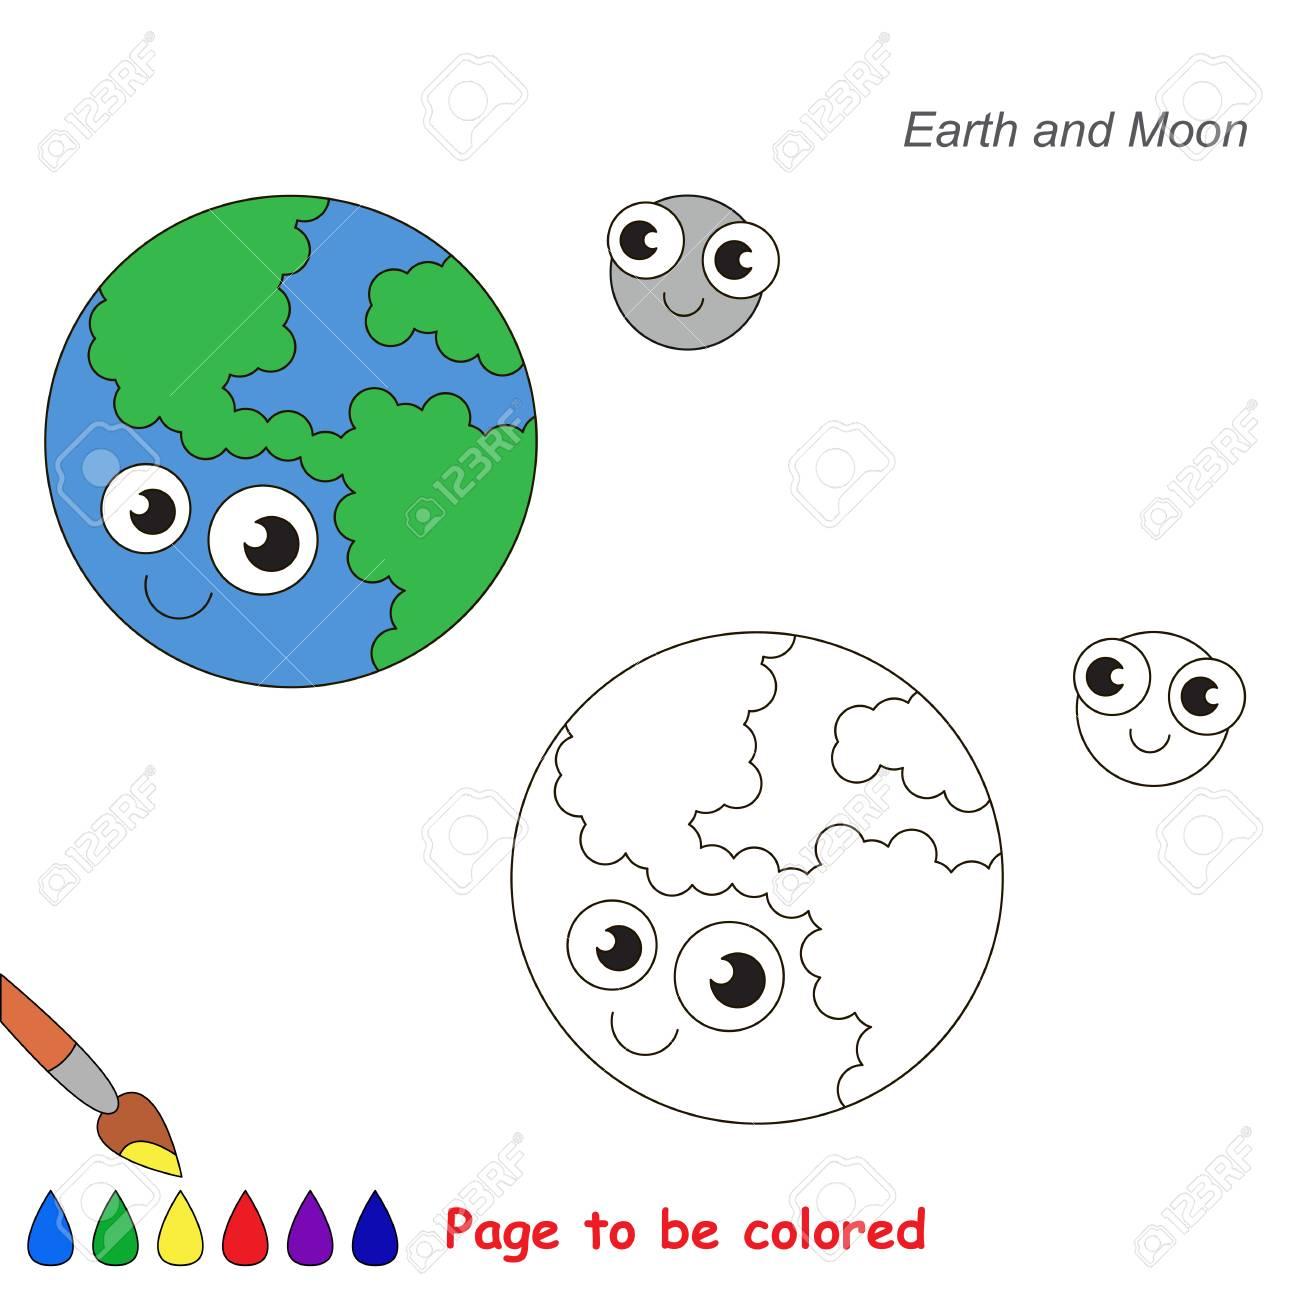 Drôle Planète Terre Et La Lune Pour être Le Livre De Coloriage Pour Les Enfants D 39 âge Préscolaire Avec Le Jeu De Sourire De Jeu De Sourire